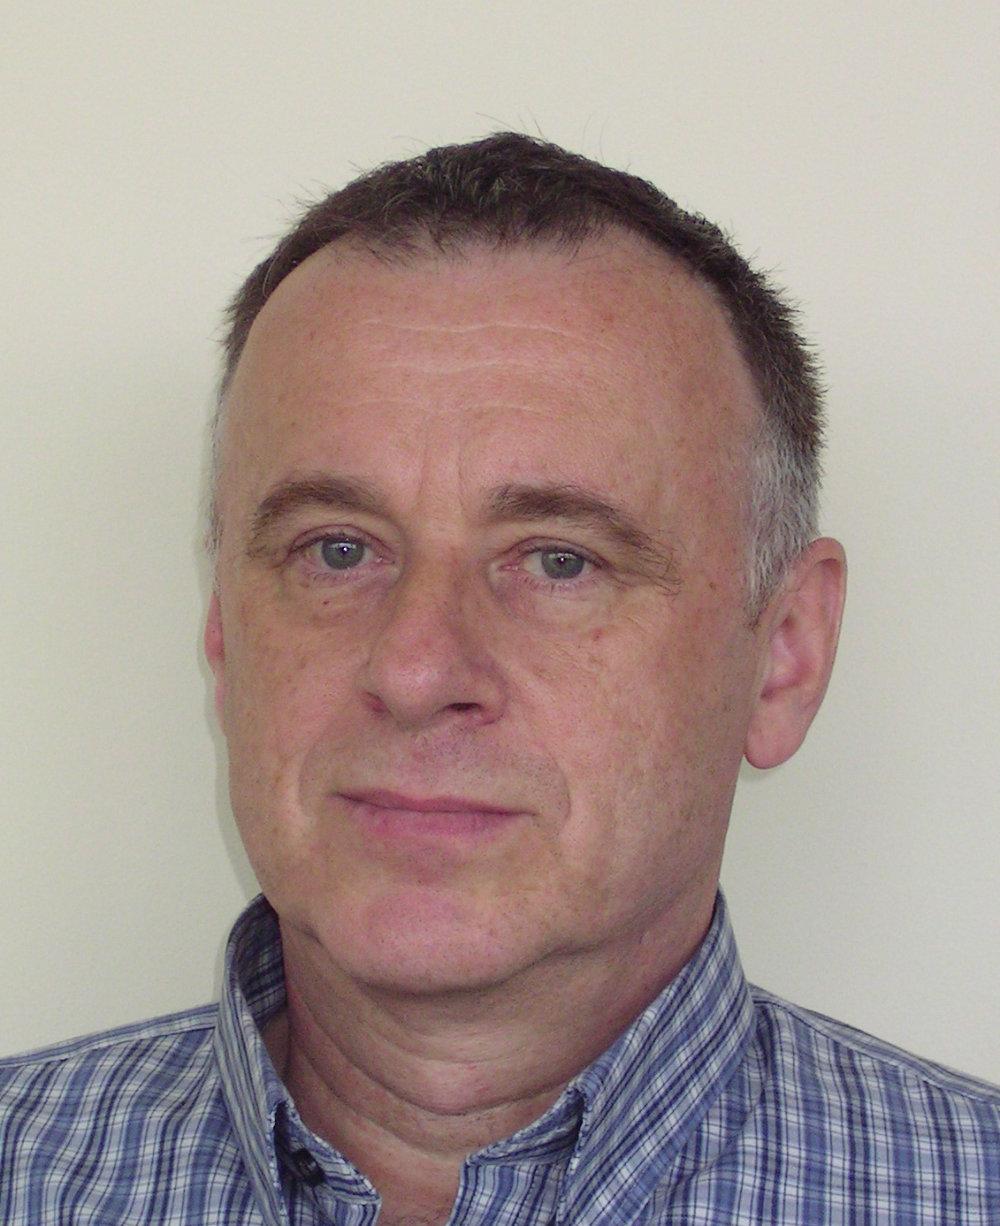 Krzysztof Kassolik